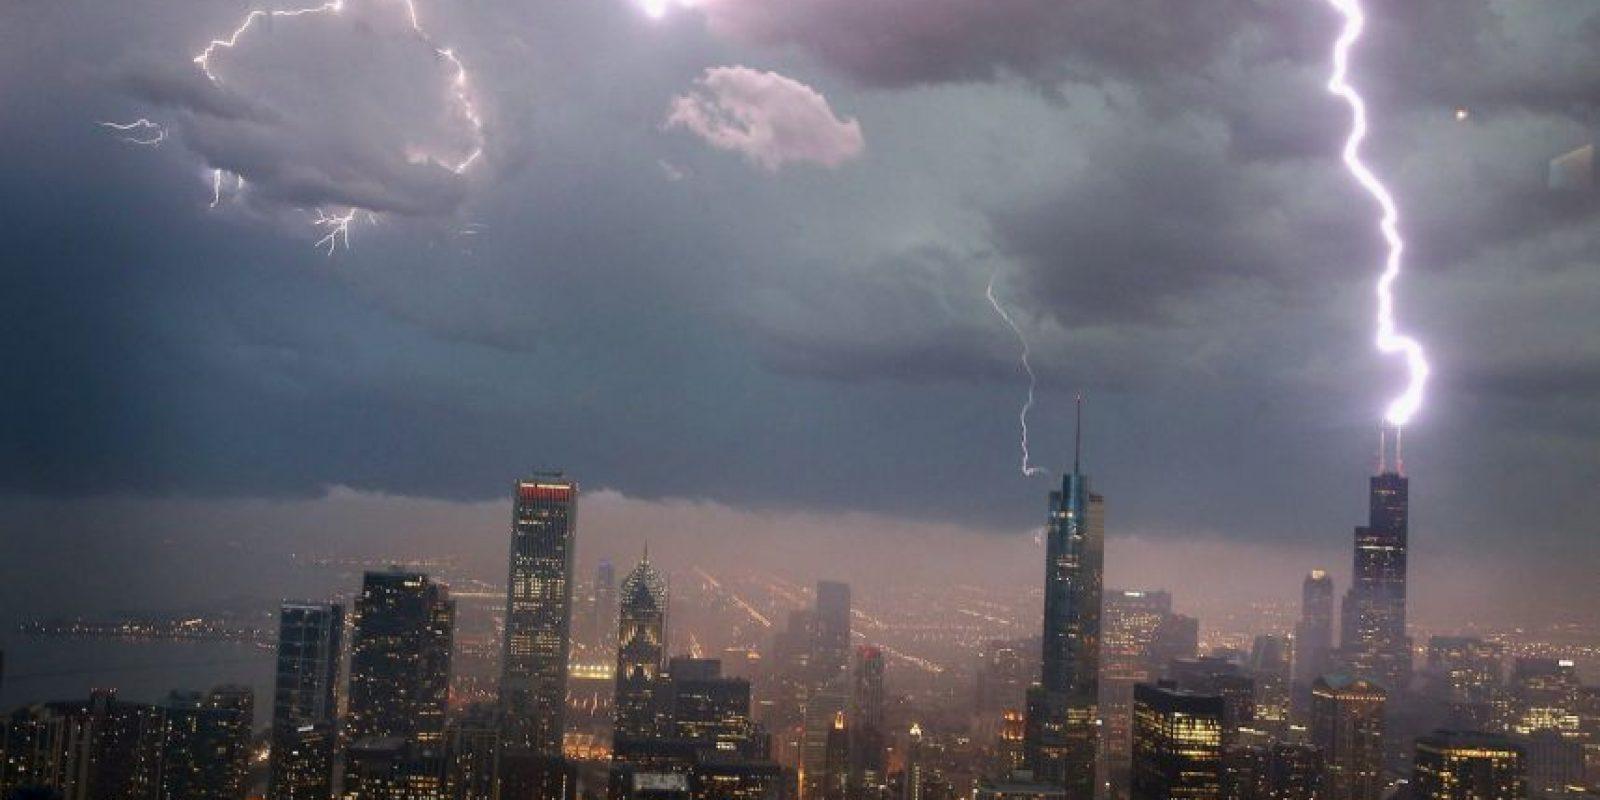 Según Daniel Cecil, miembro del Centro Global de Hidrología y Clima de la NASA, los resultados tienen sentido pues la Tierra absorbe la luz del sol y calienta más rápido el agua, lo que genera inestabilidad atmosférica que provoca relámpagos, comunicó a la página web de la NASA. Foto:Getty Images